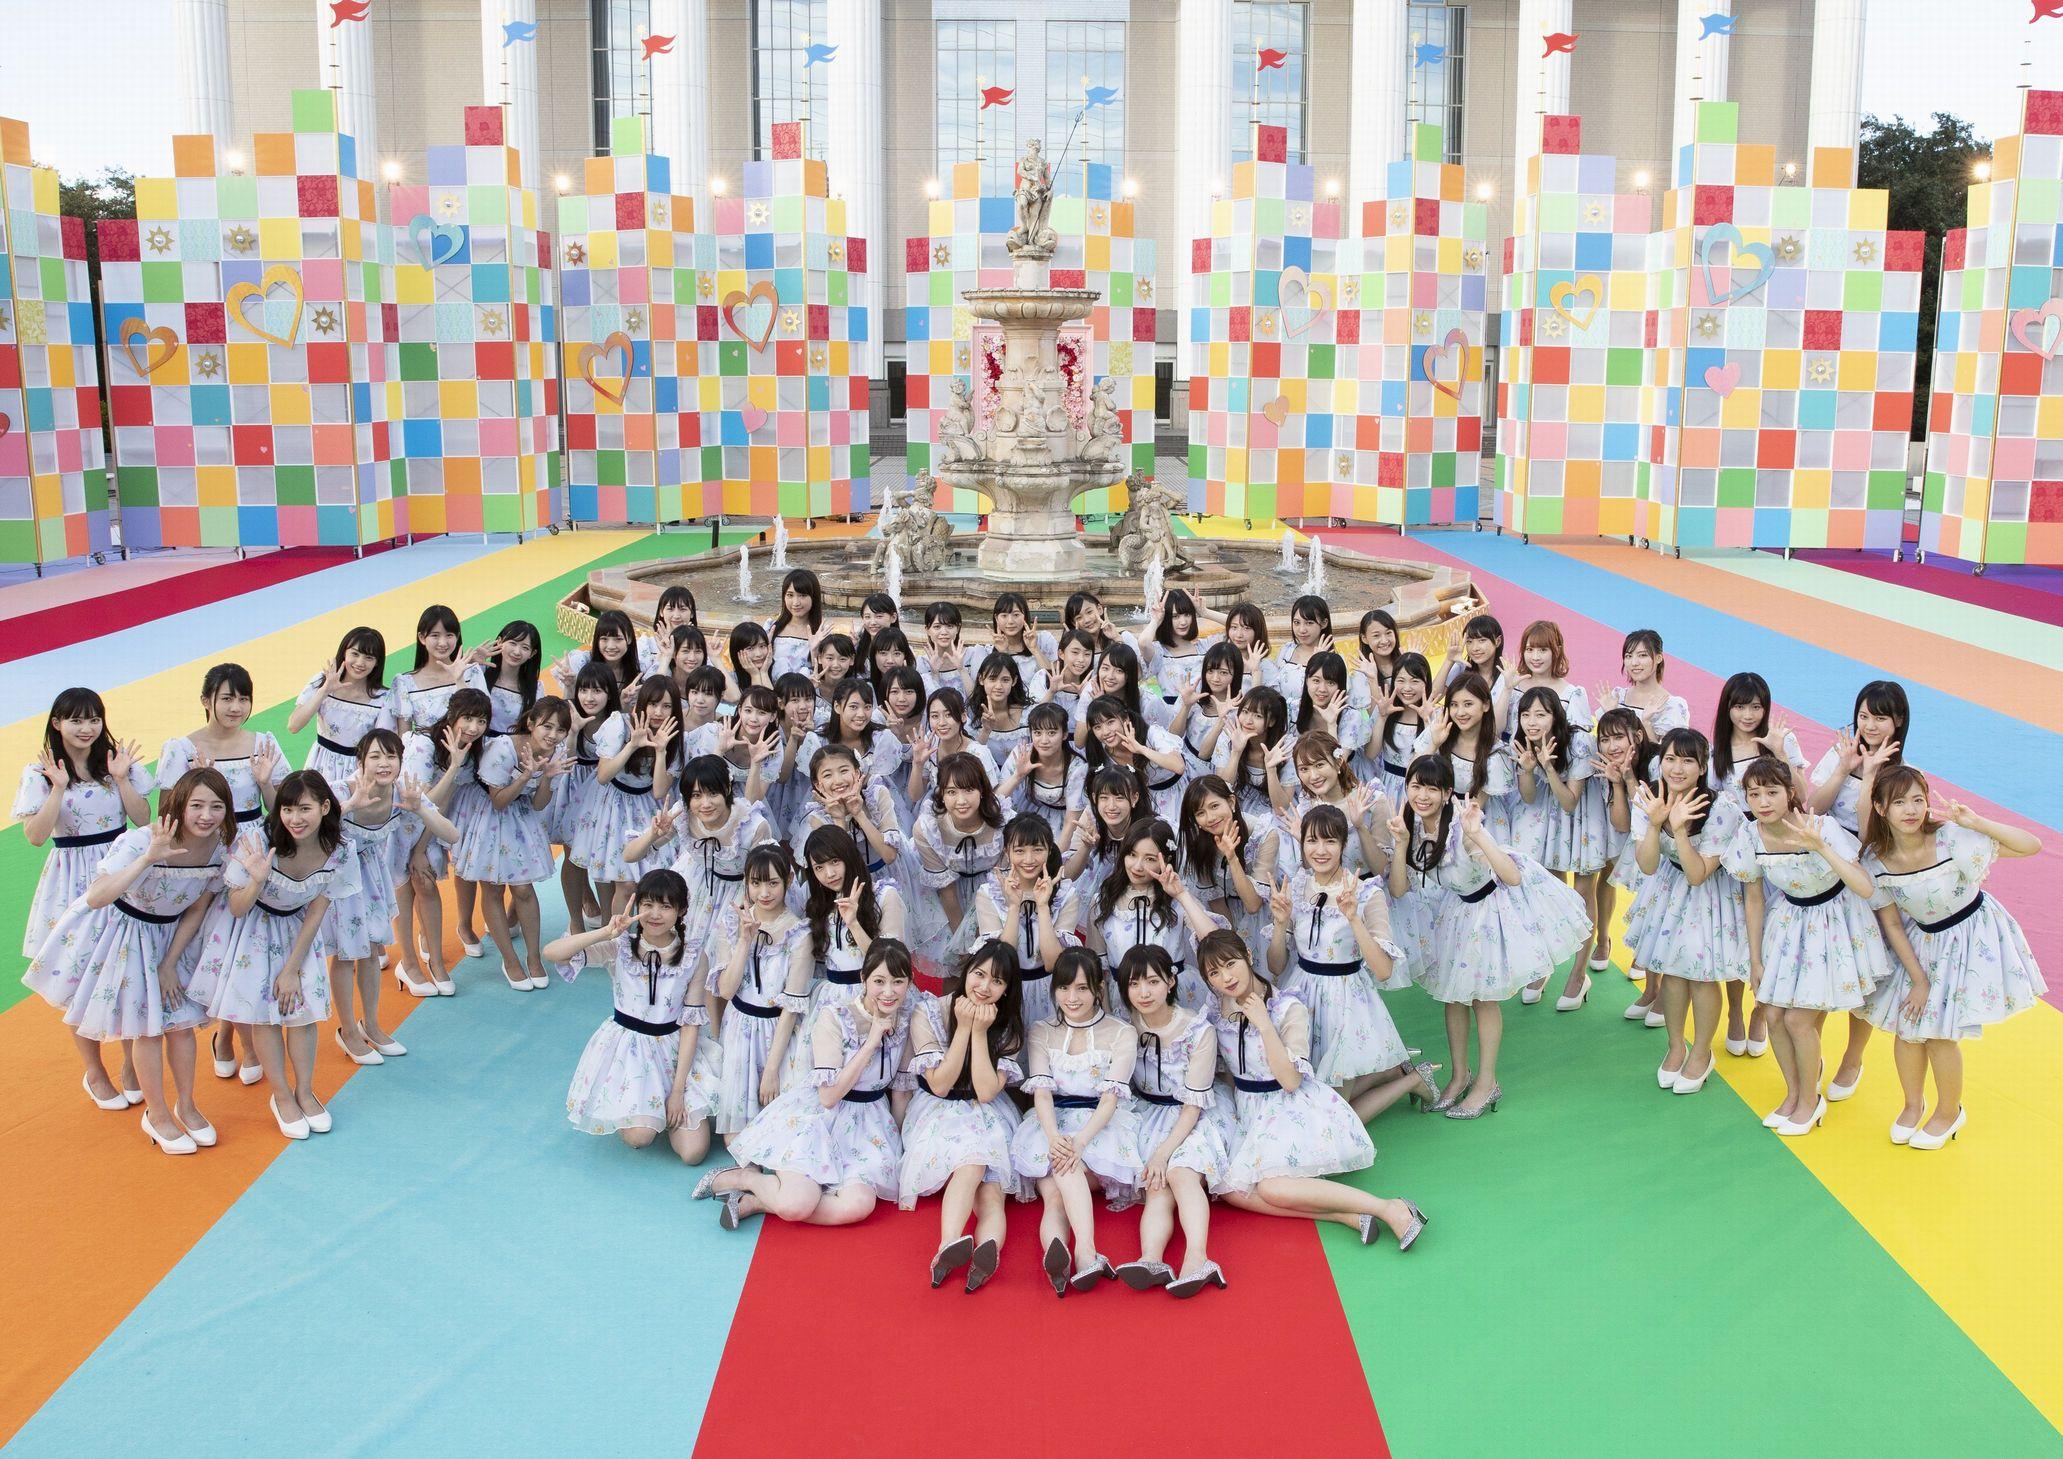 今夜のMステはNMB48山本彩ラスト!Kis-My-Ft2、GENERATIONS、DA PUMPら出演